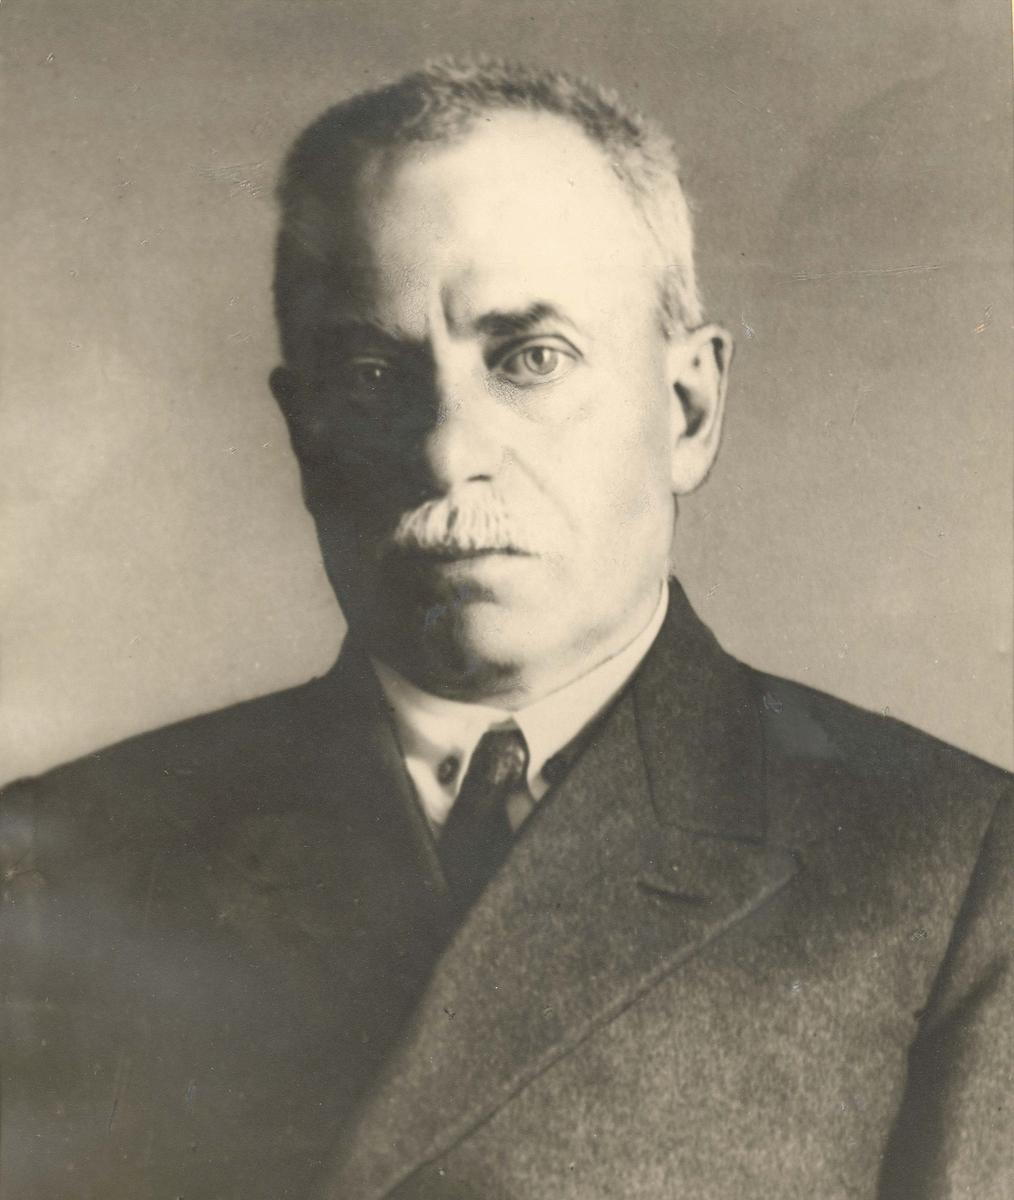 Motiv: Kommandør (senere kontreadmiral) Per Rolfsen (sivilt avbildet).